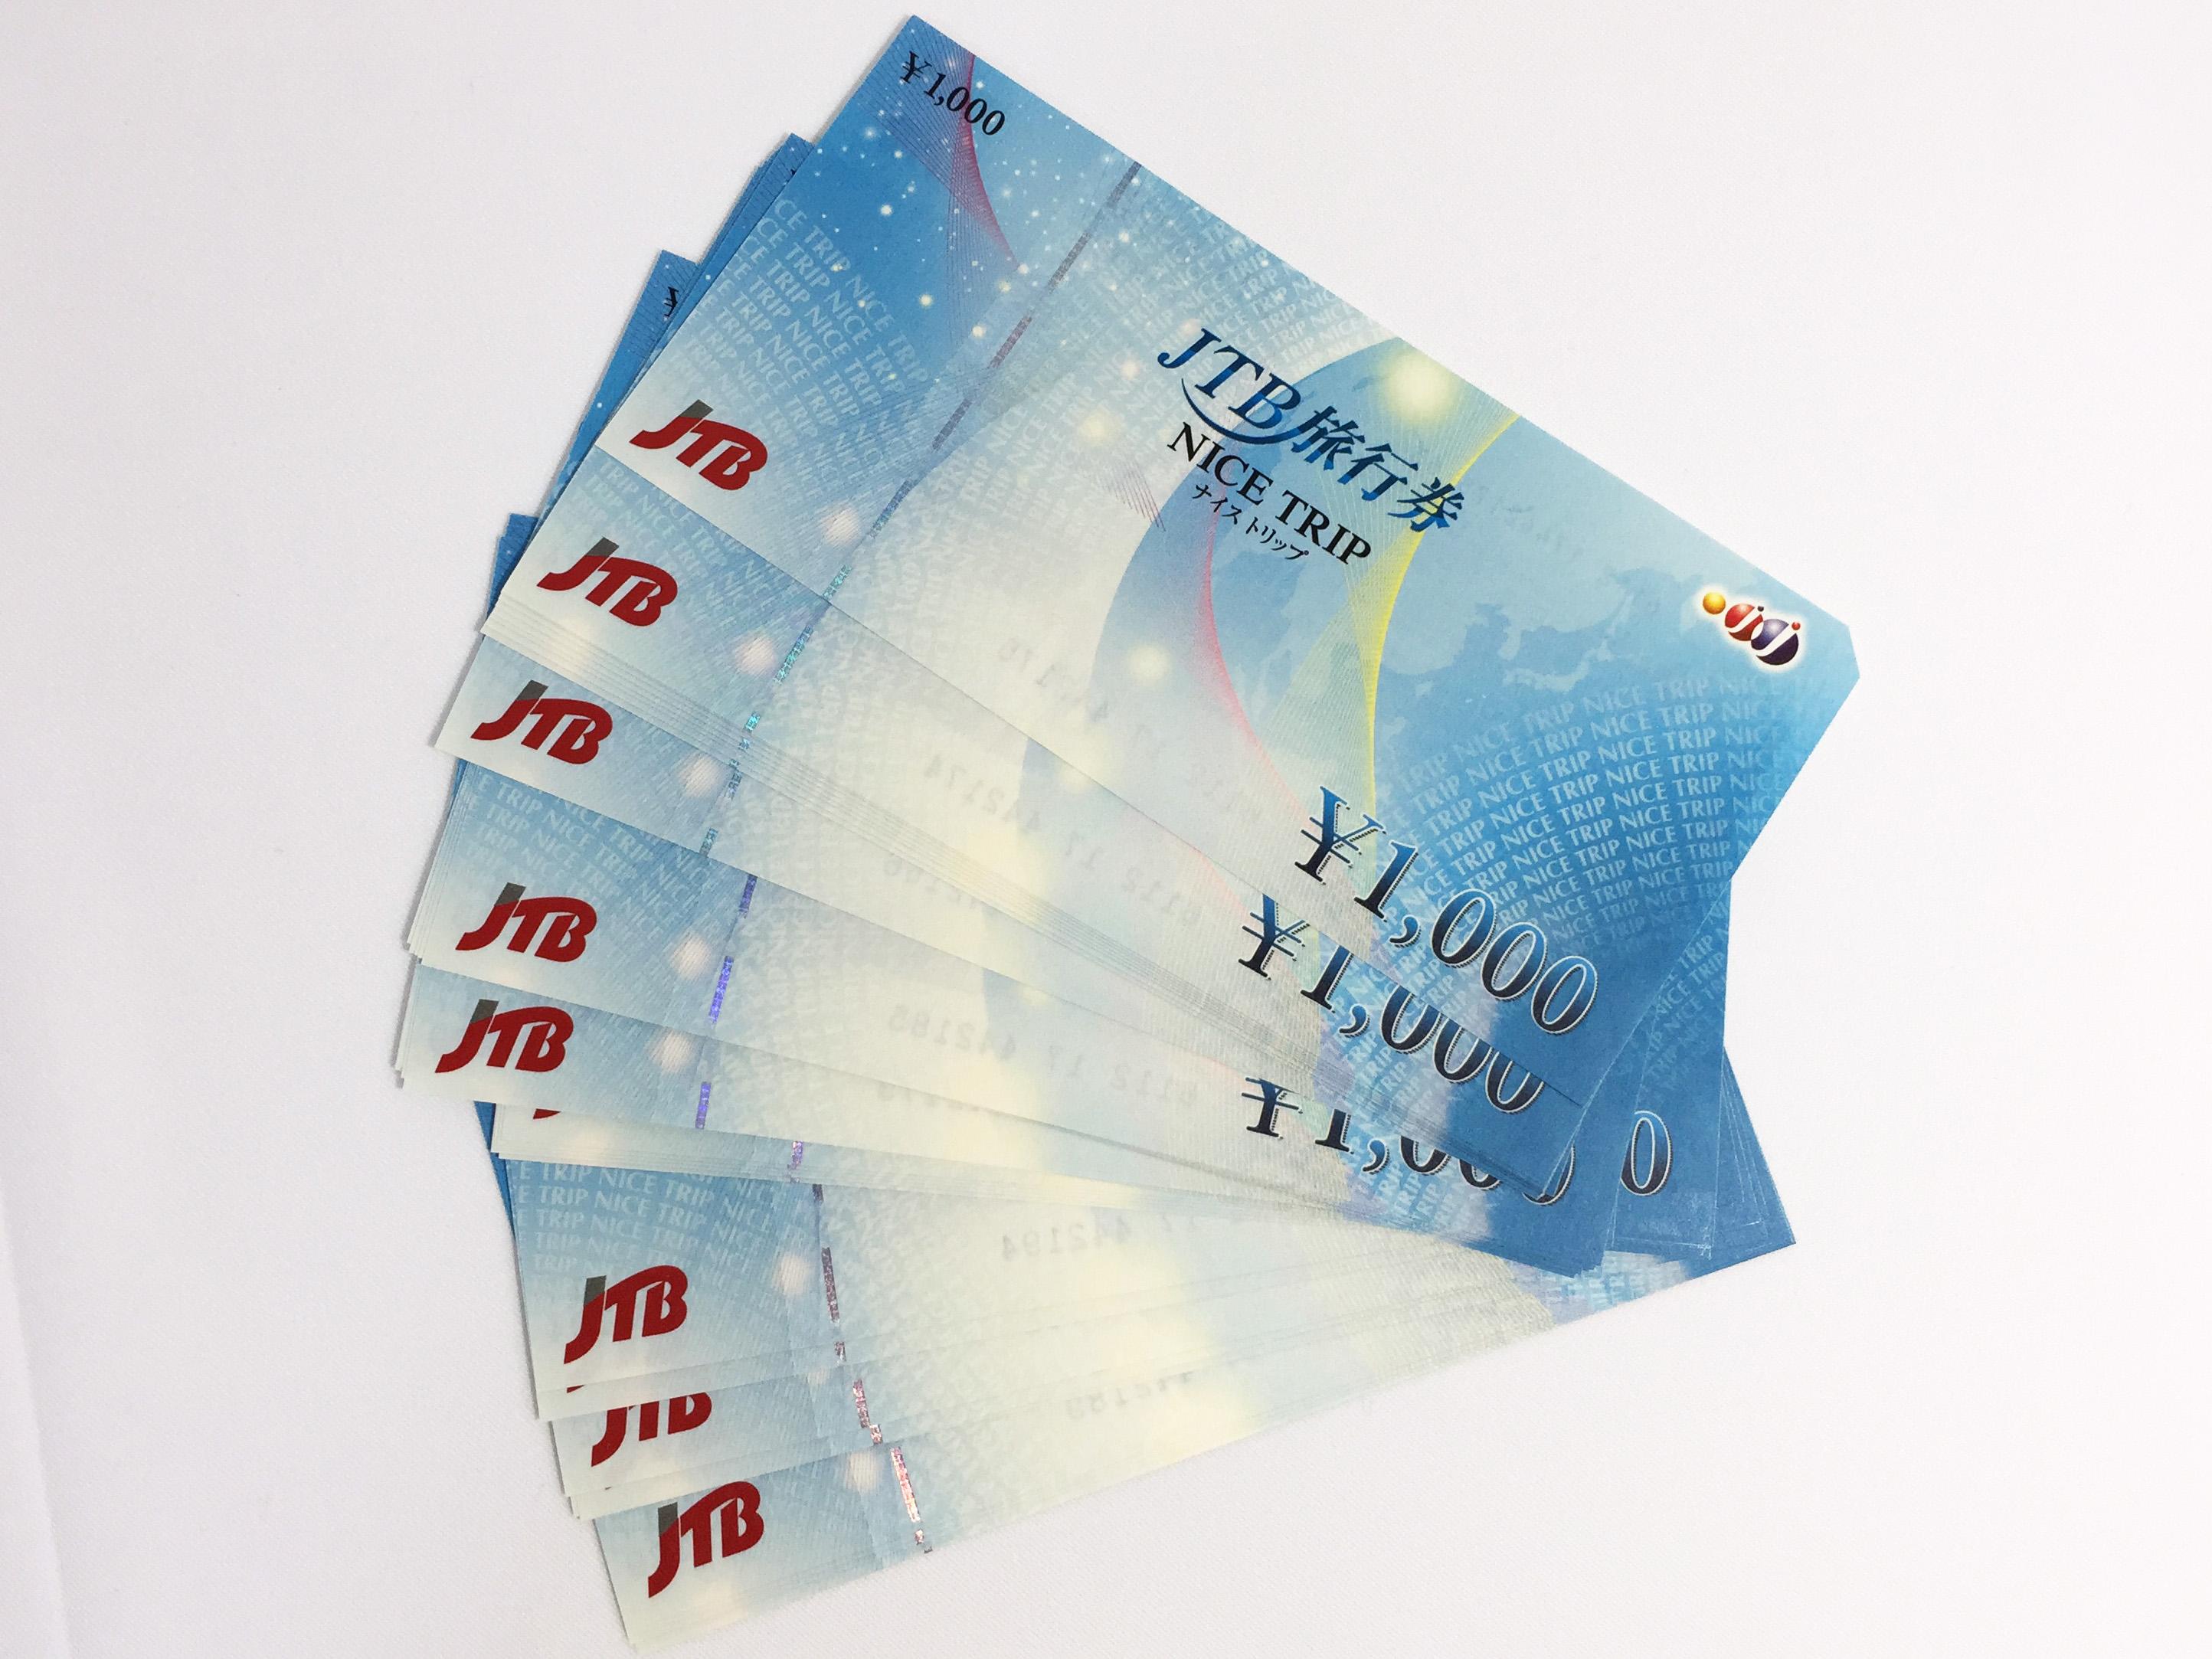 平間店で JTB 旅行券 ナイストリップ 買取りました